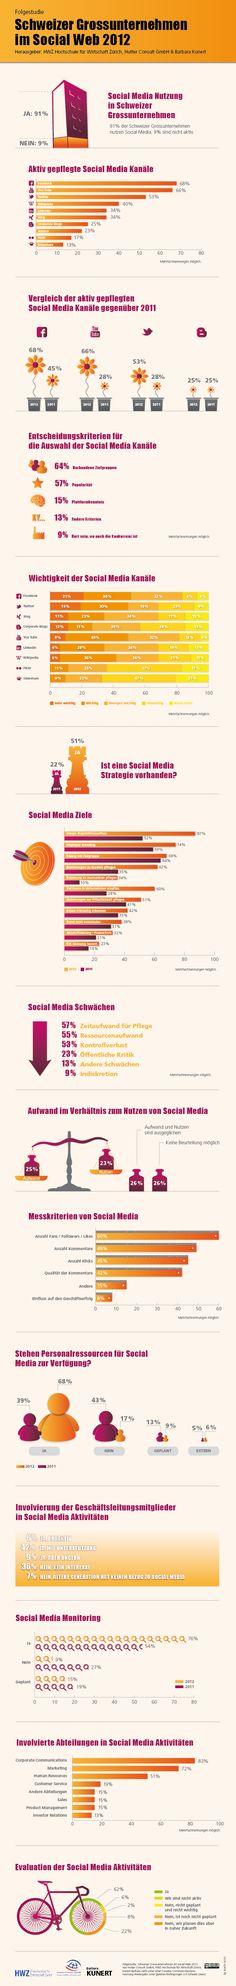 Schweizer Großunternehmen im Social Web